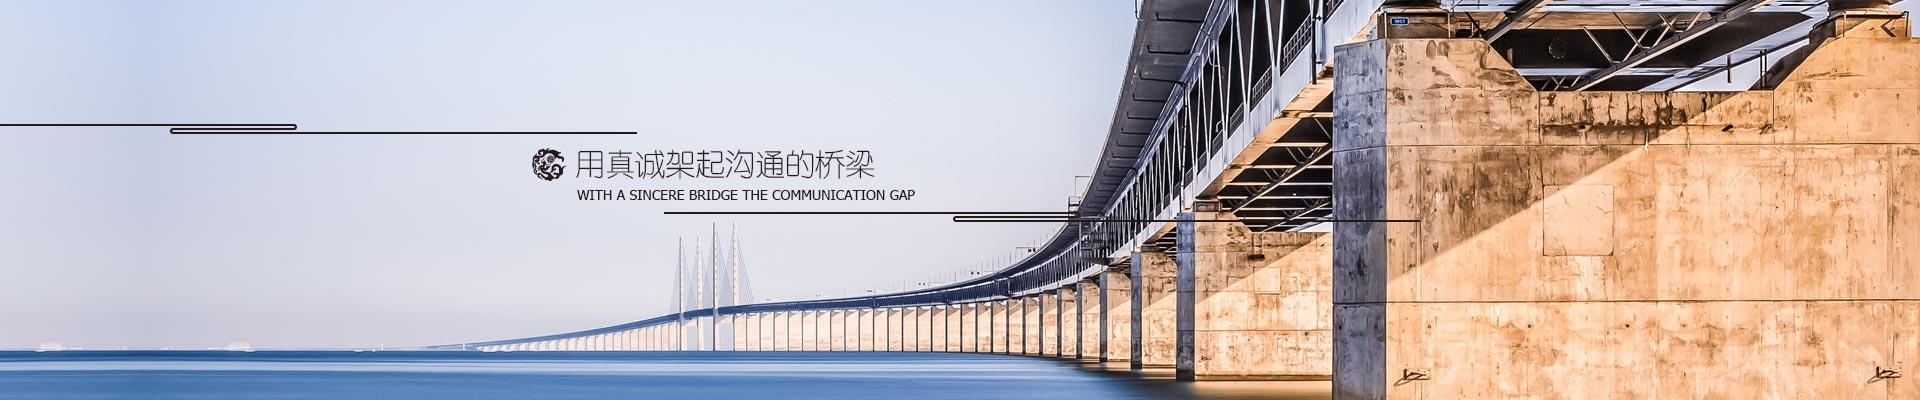 用真诚架起沟通的桥梁